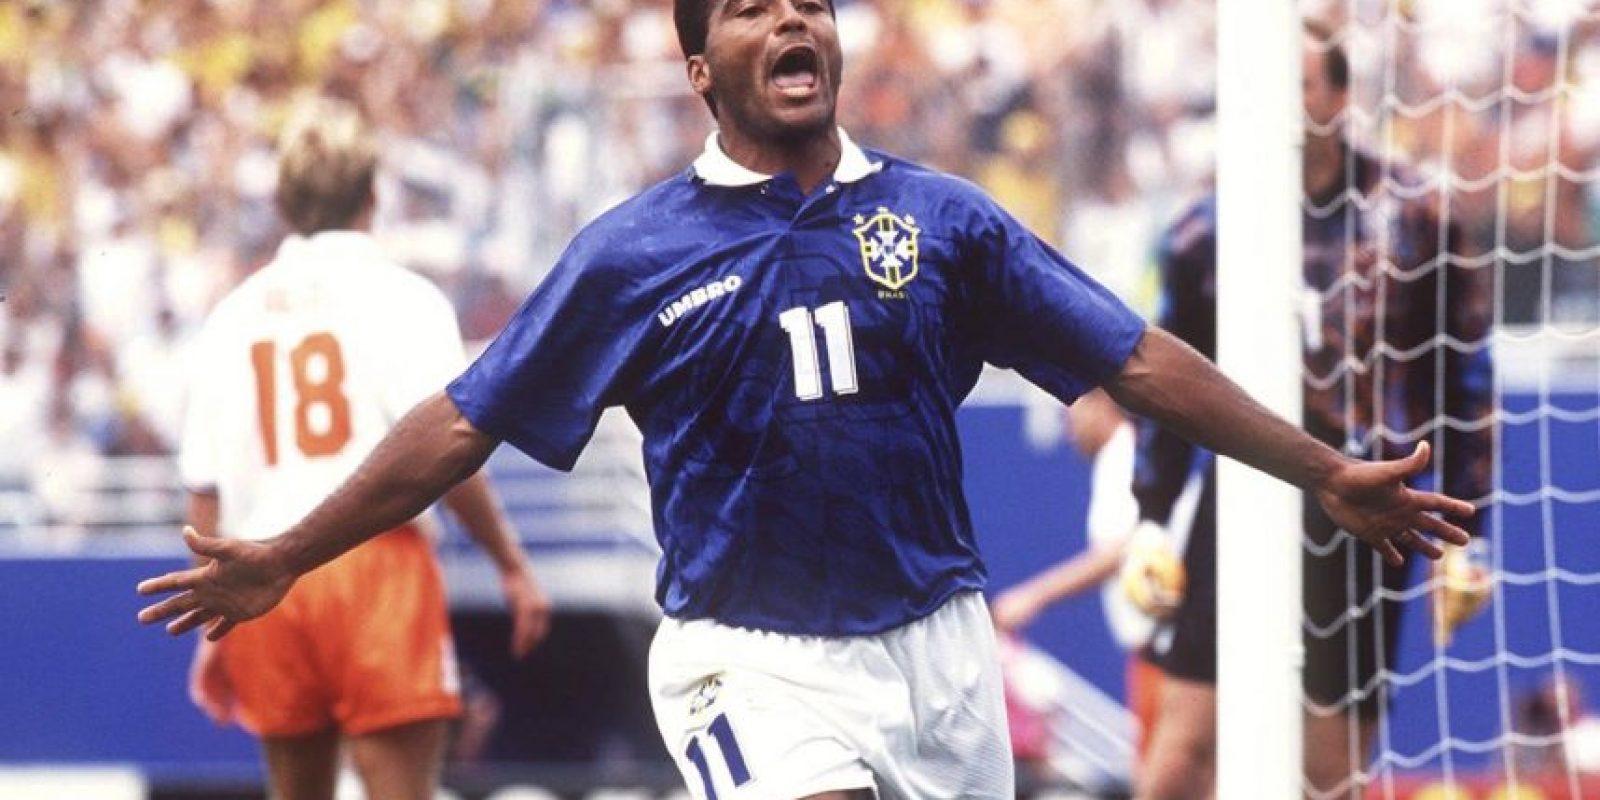 El delantero brasileño fue uno de los más talentosos en su momento, pero su gusto por las fiestas y la noche era conocido. Incluso, por contrato, tenía el privilegio de poder salir todas las noches en su época del Valencia, donde sólo estuvo una temporada. Foto:Getty Images